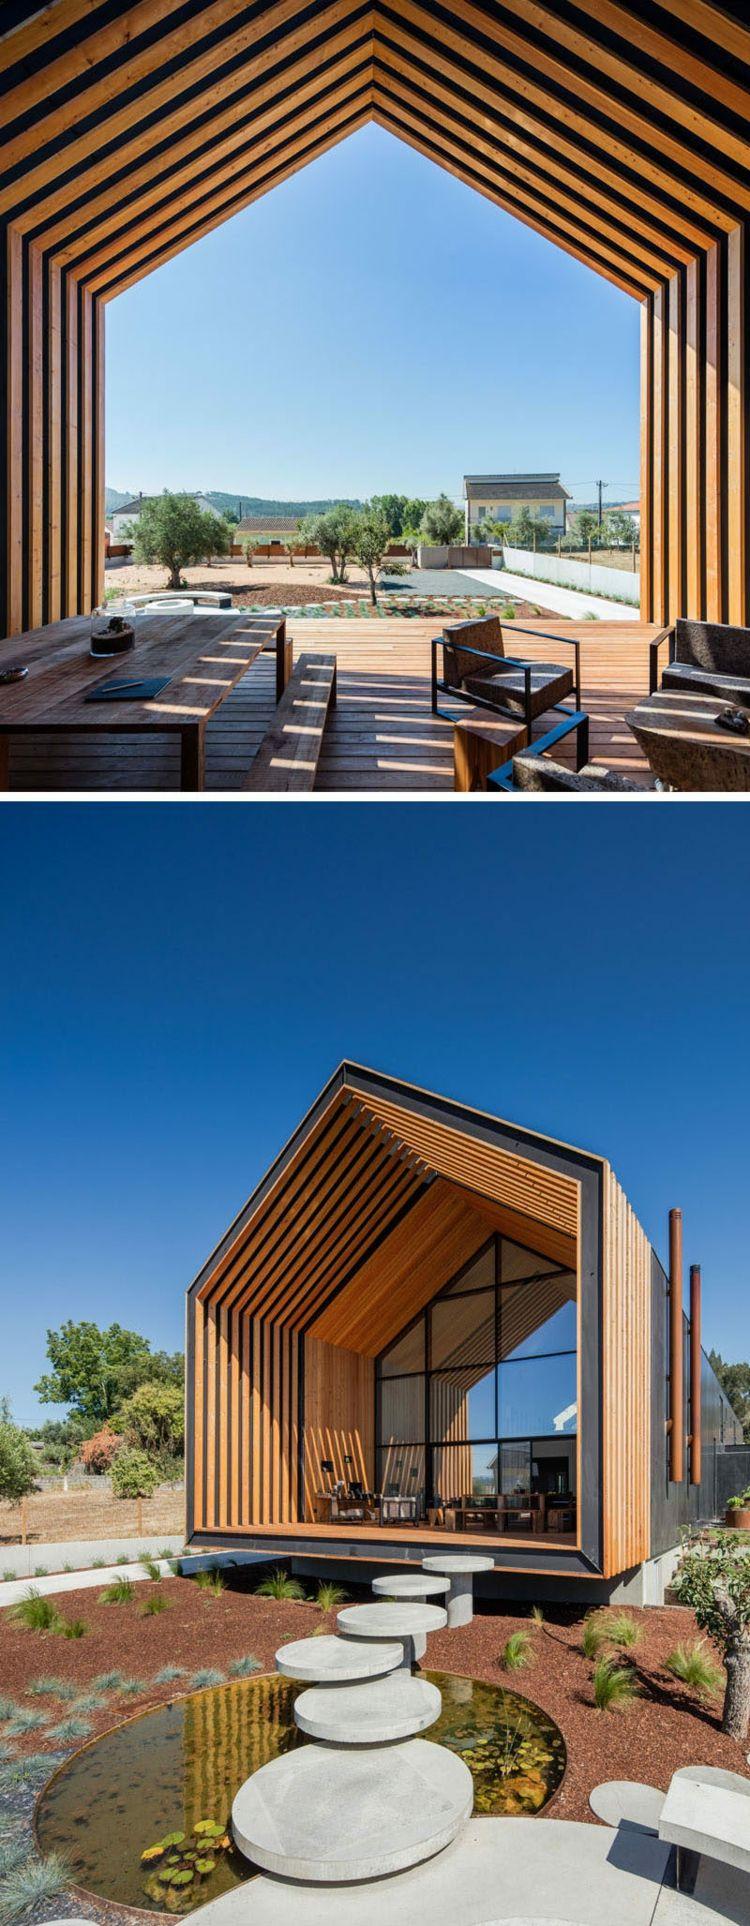 Gartenteich Landschaft Holzlamellen Veranda Aus Holz Haus Houses